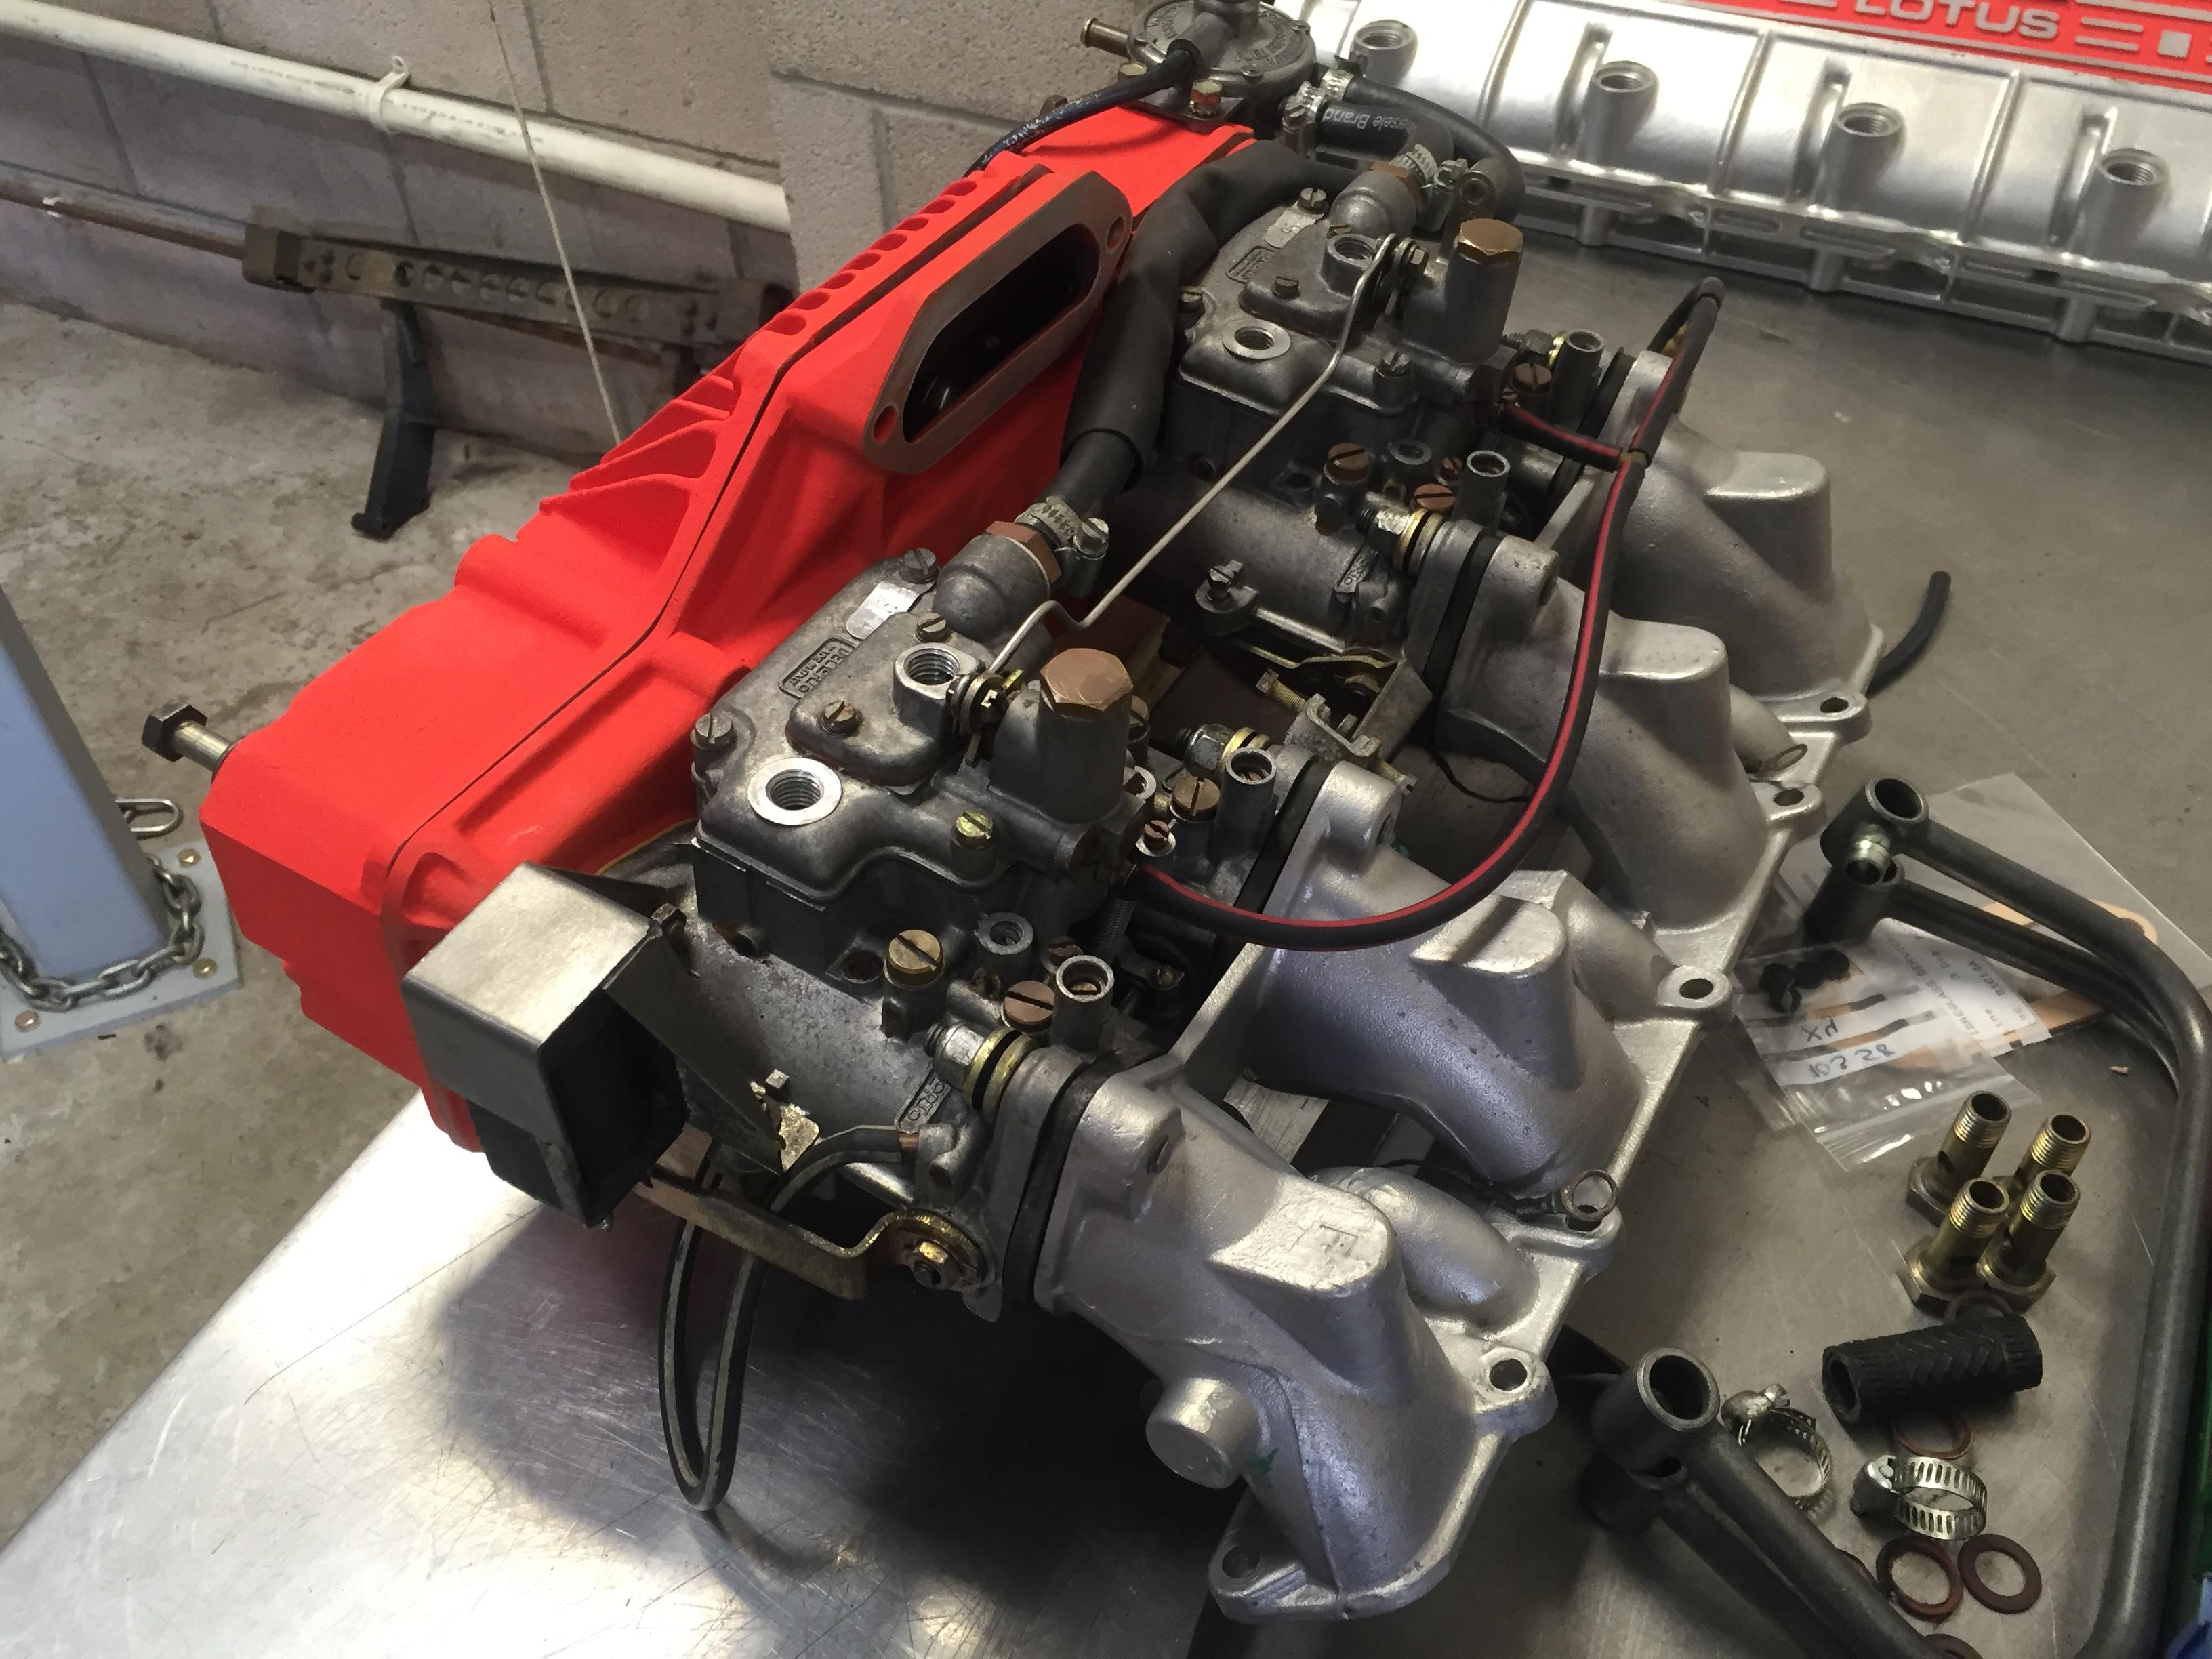 Lotus Esprit Turbo Carburettor Rebuilding Service at Esprit Engineering with repainted pleniums